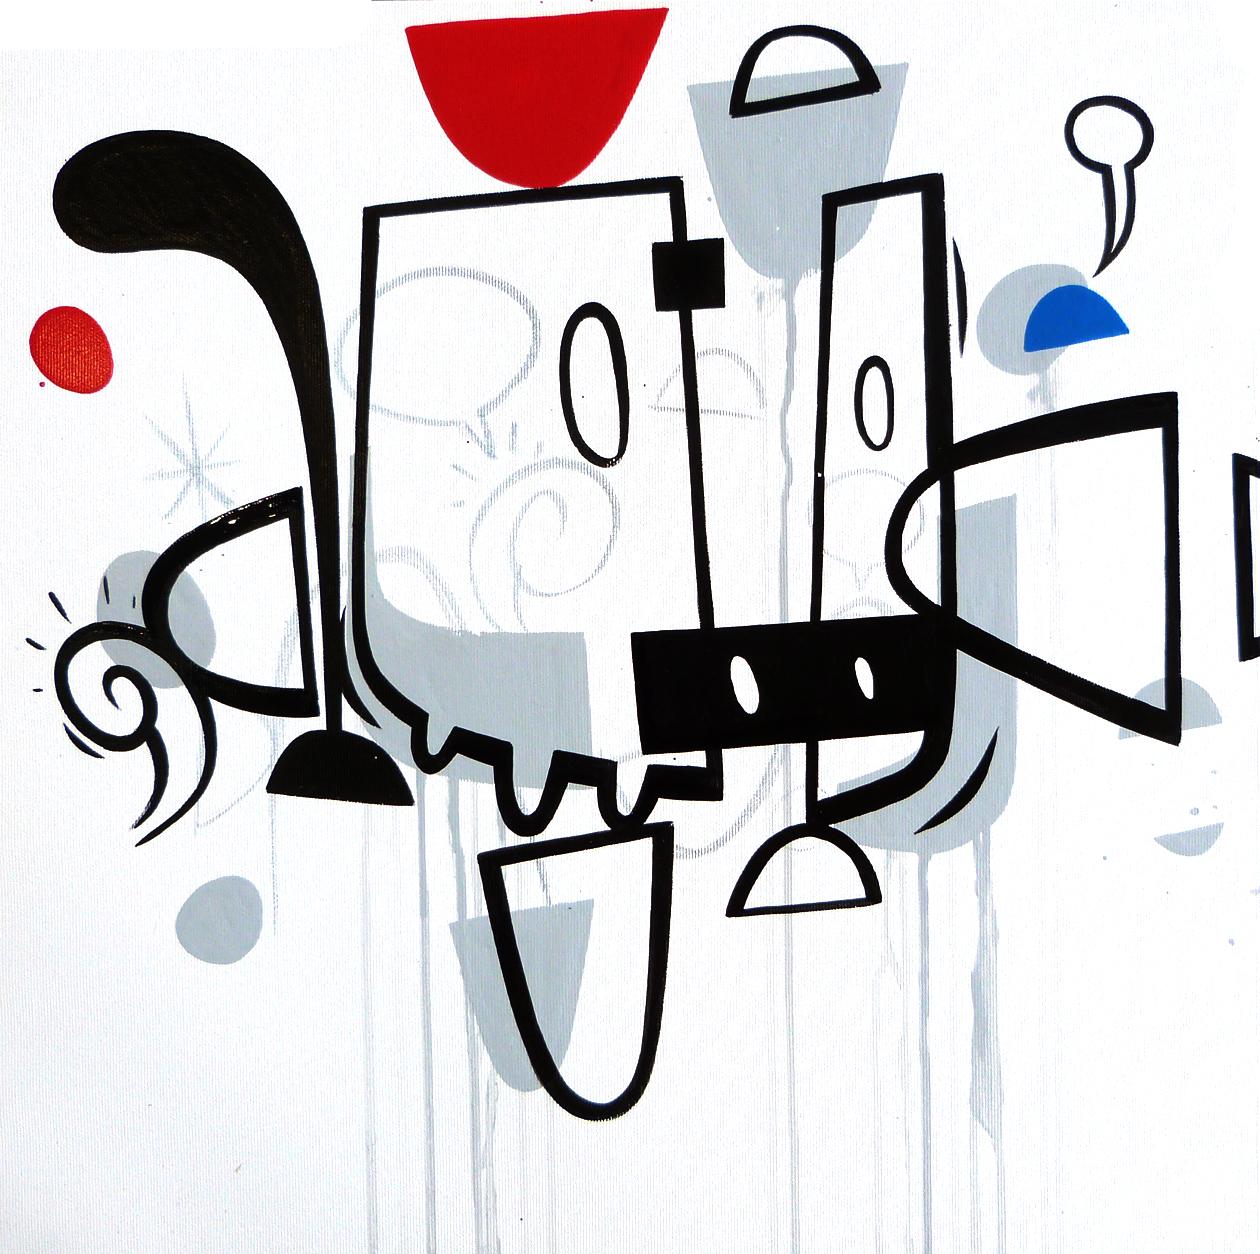 bianco+NEROconROSSO+BLUsuGRIGIO_cm50x50_2014